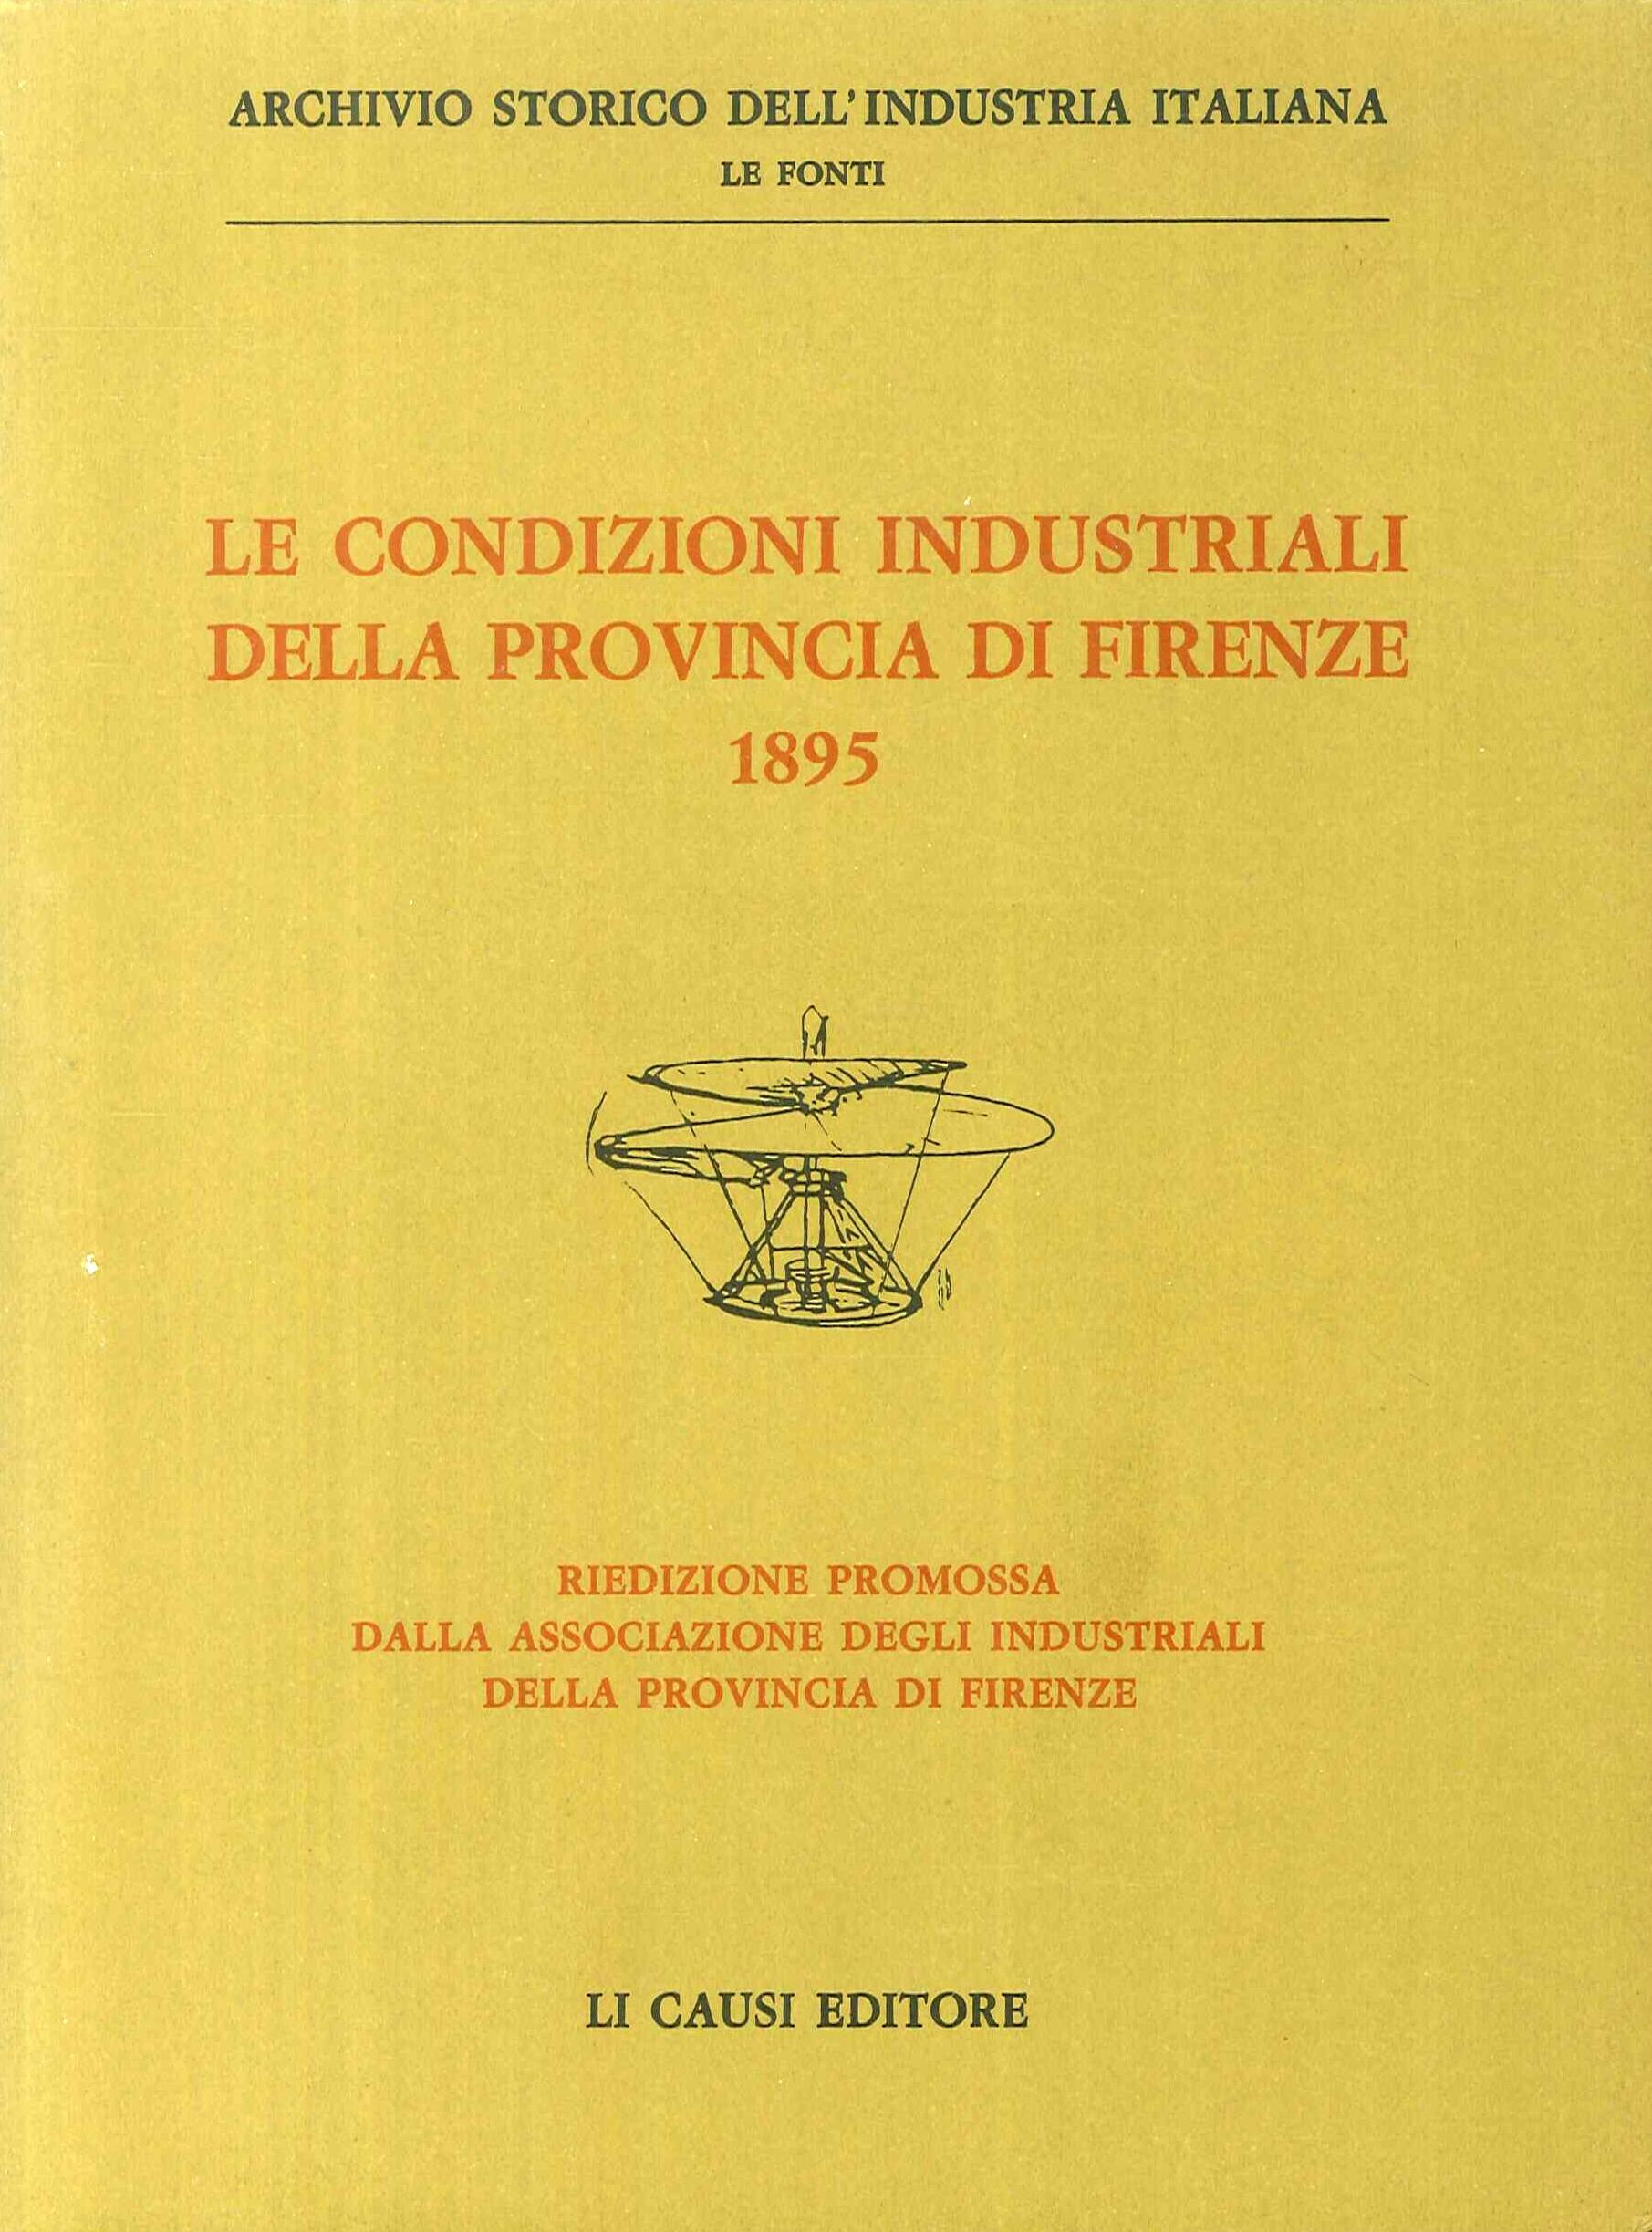 Le Condizioni Industriali della Provincia di Firenze 1895